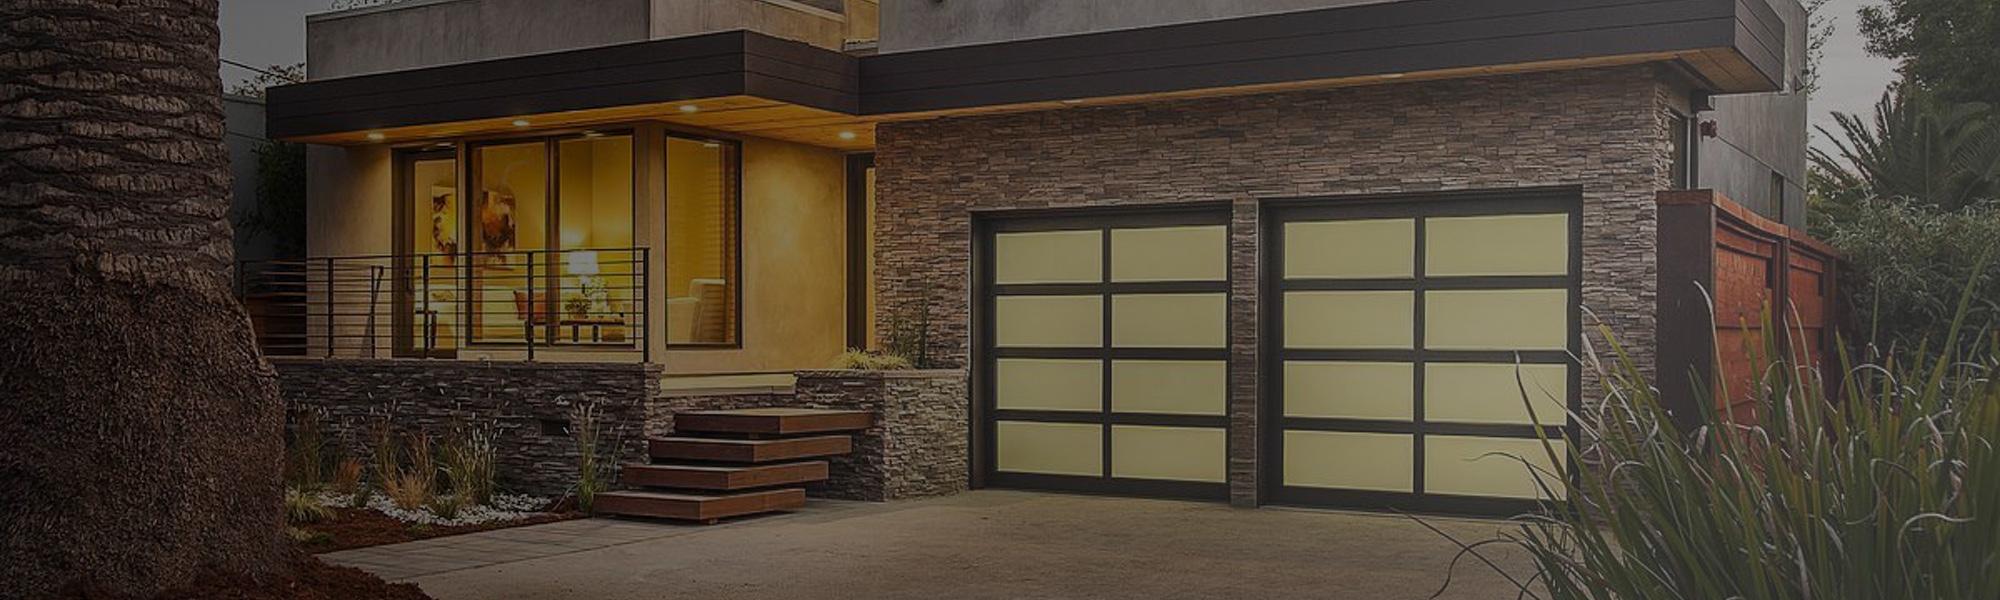 Call 4 garage door repair lakewood call us 562 352 0484 for Garage door repair lakewood